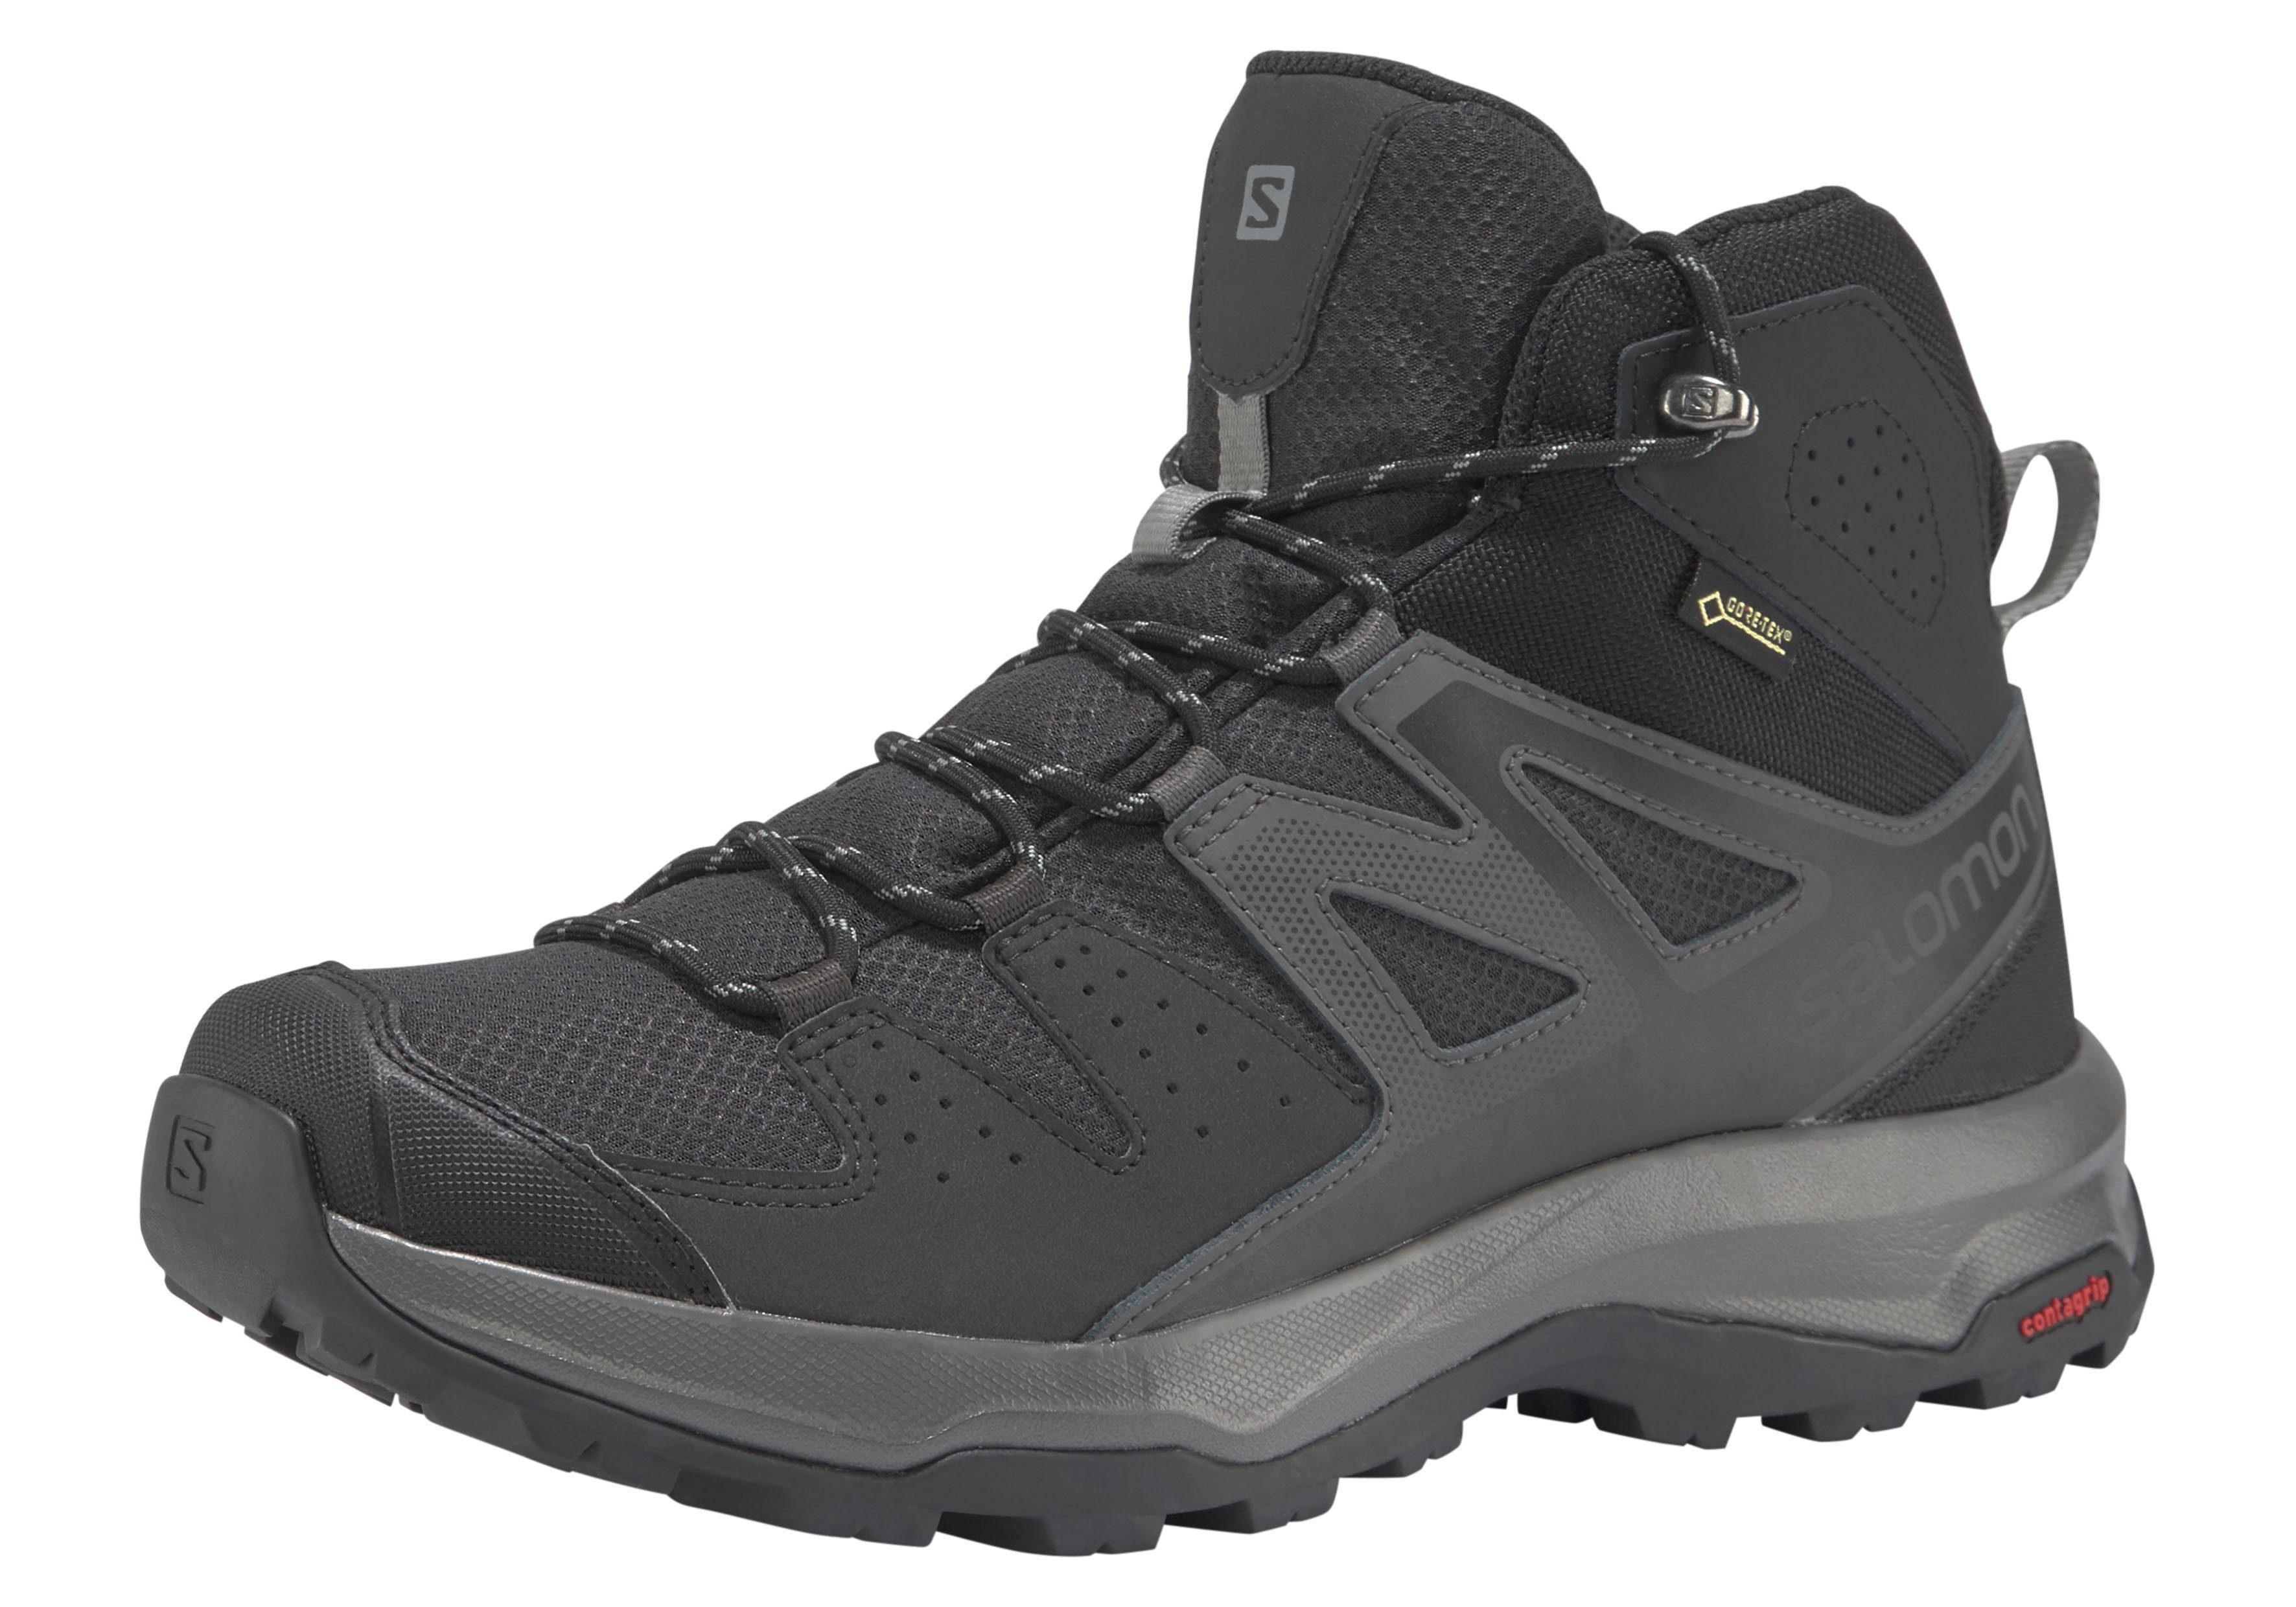 Salomon Mens Gore Tex Contagrip Hiking Trail Boots